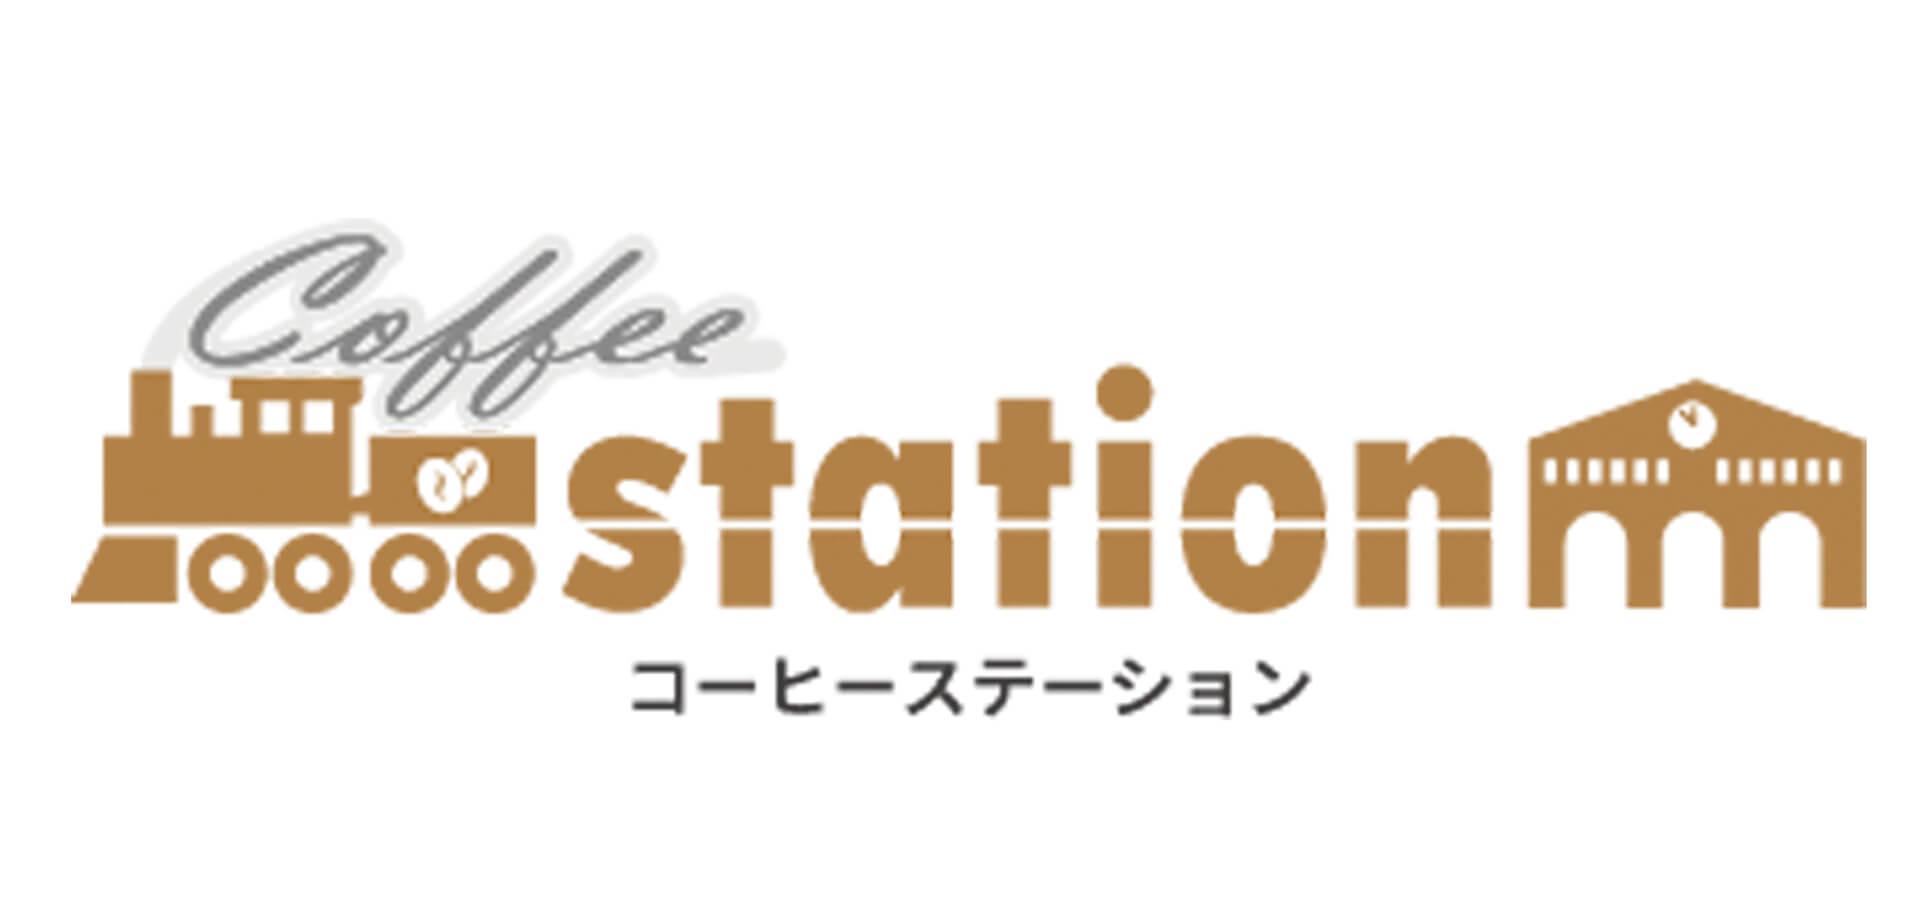 """コーヒー情報サイト""""Coffee Station""""(コーヒーステーション)"""